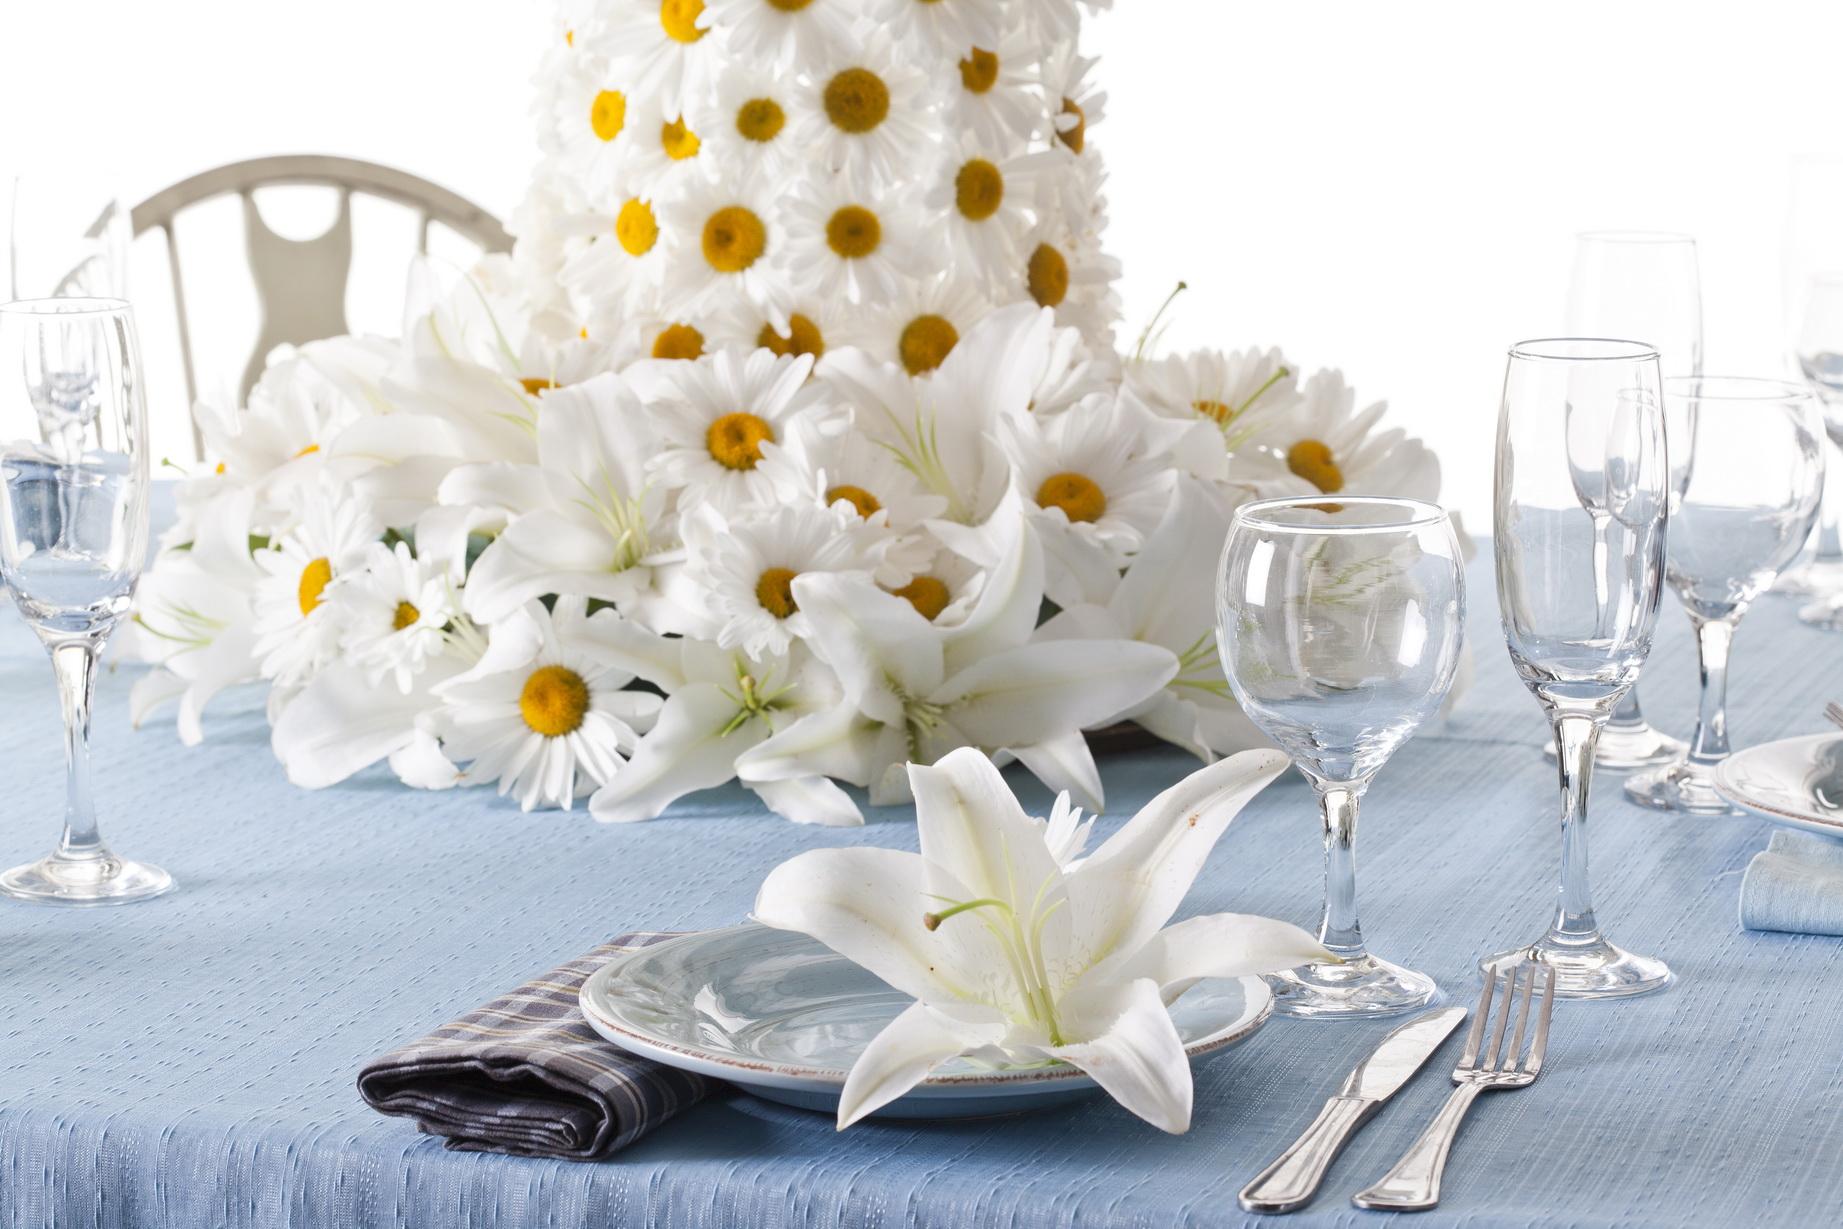 פרחים לשולחן החג